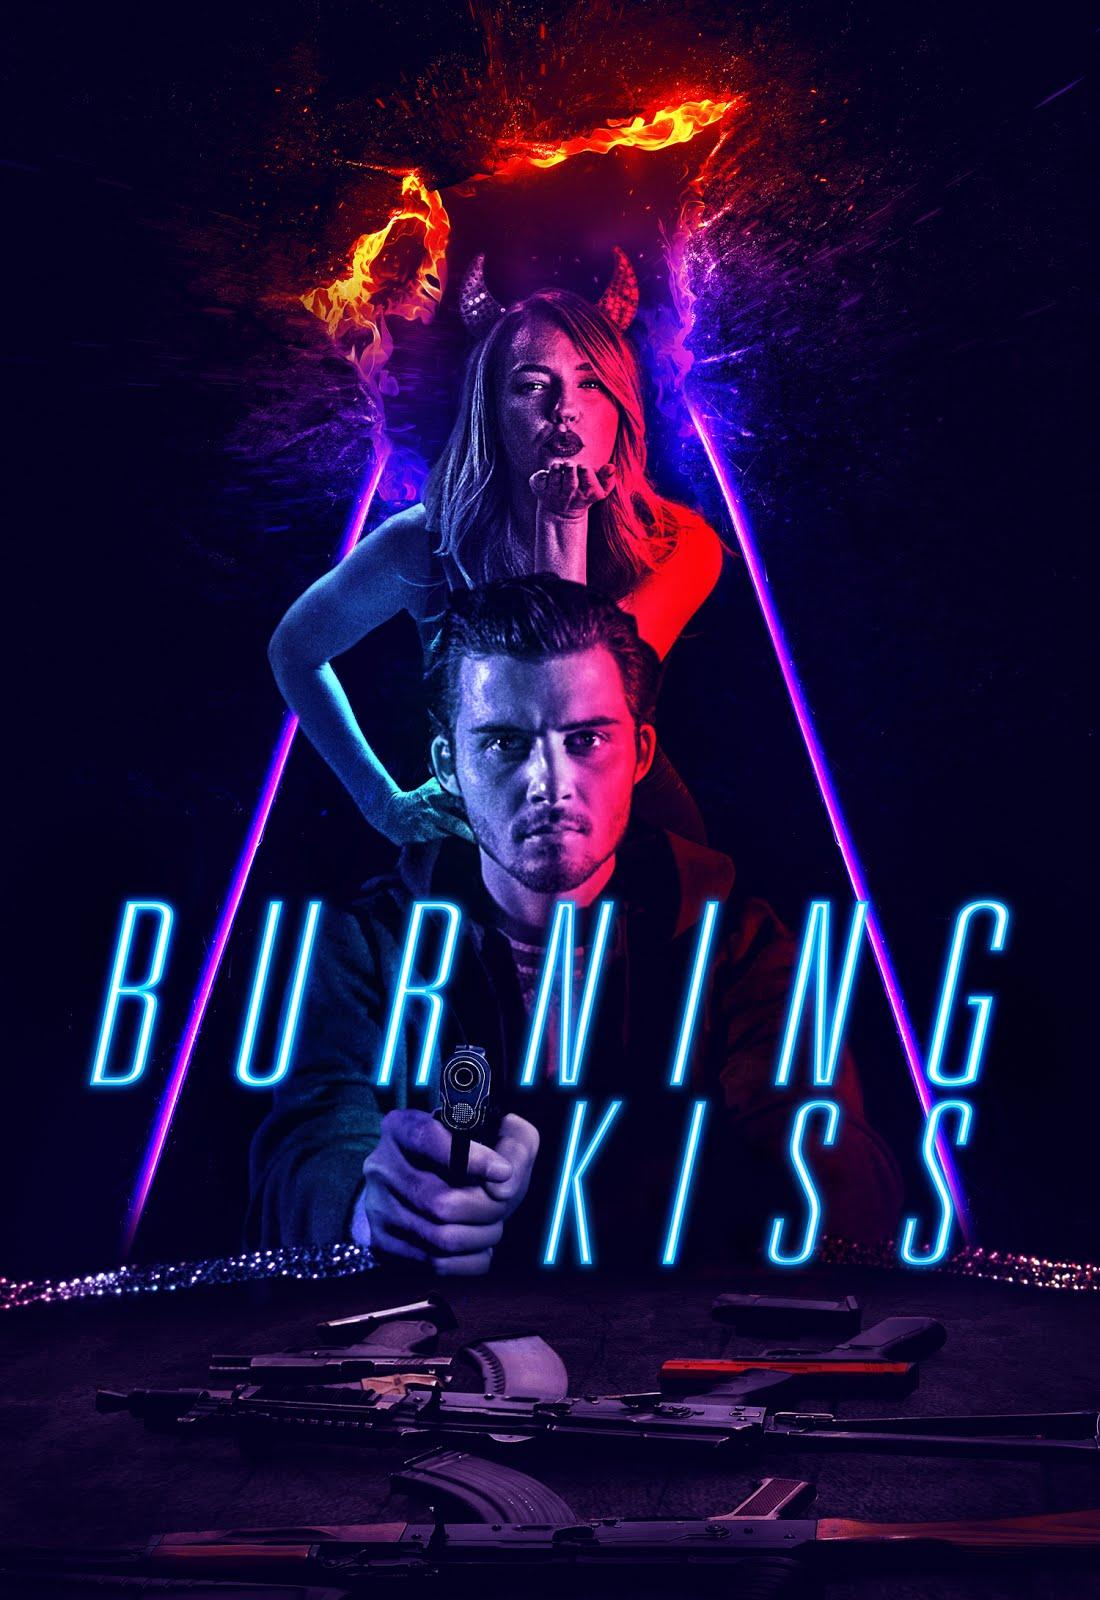 Burning Kiss 2018